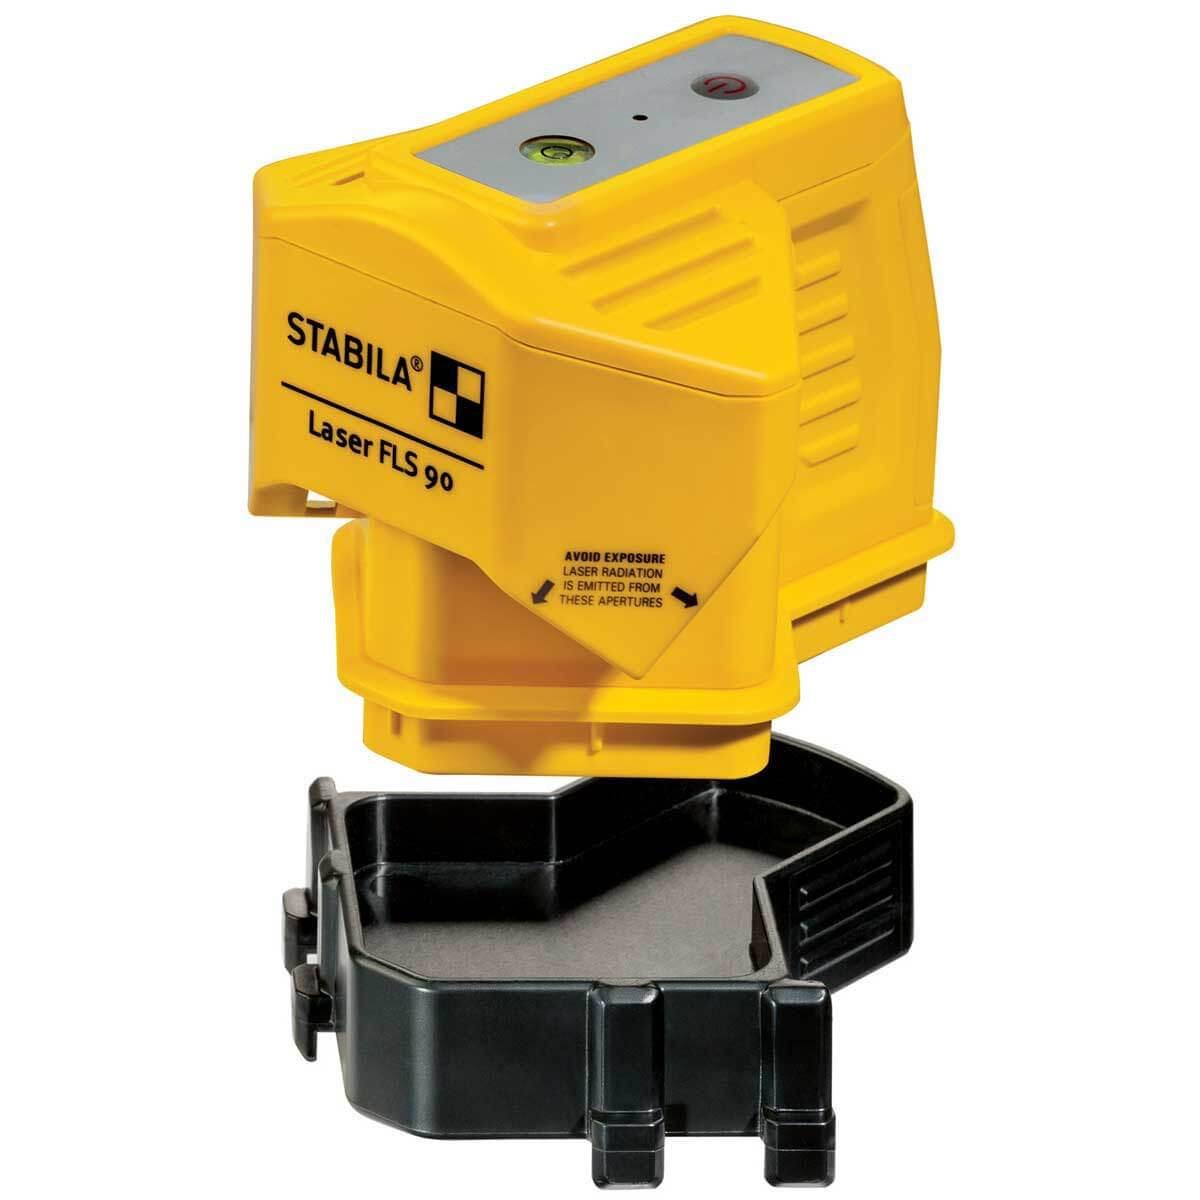 fls90 stabila floor laser system